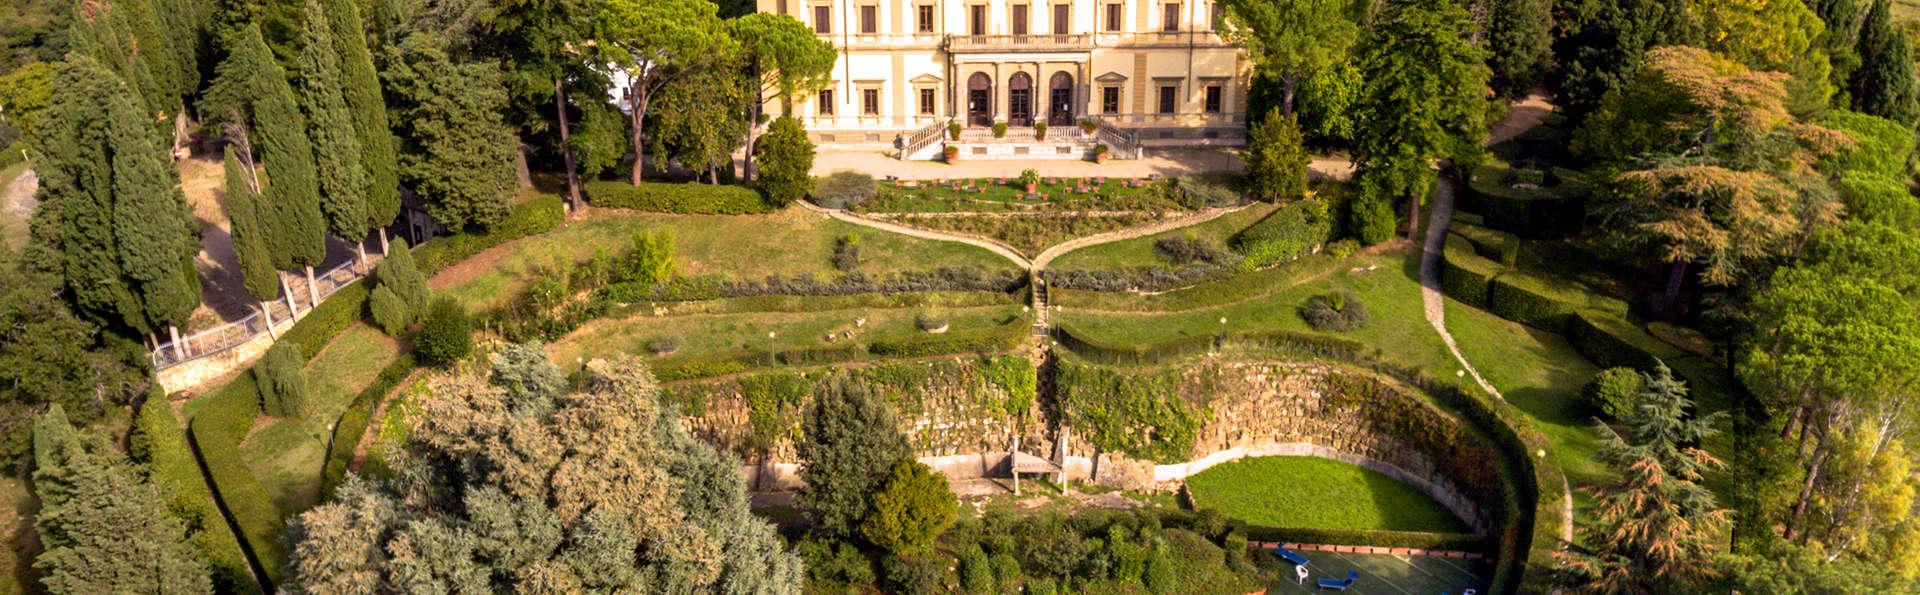 Week-end romantique dans une villa au cœur des collines de la Toscane